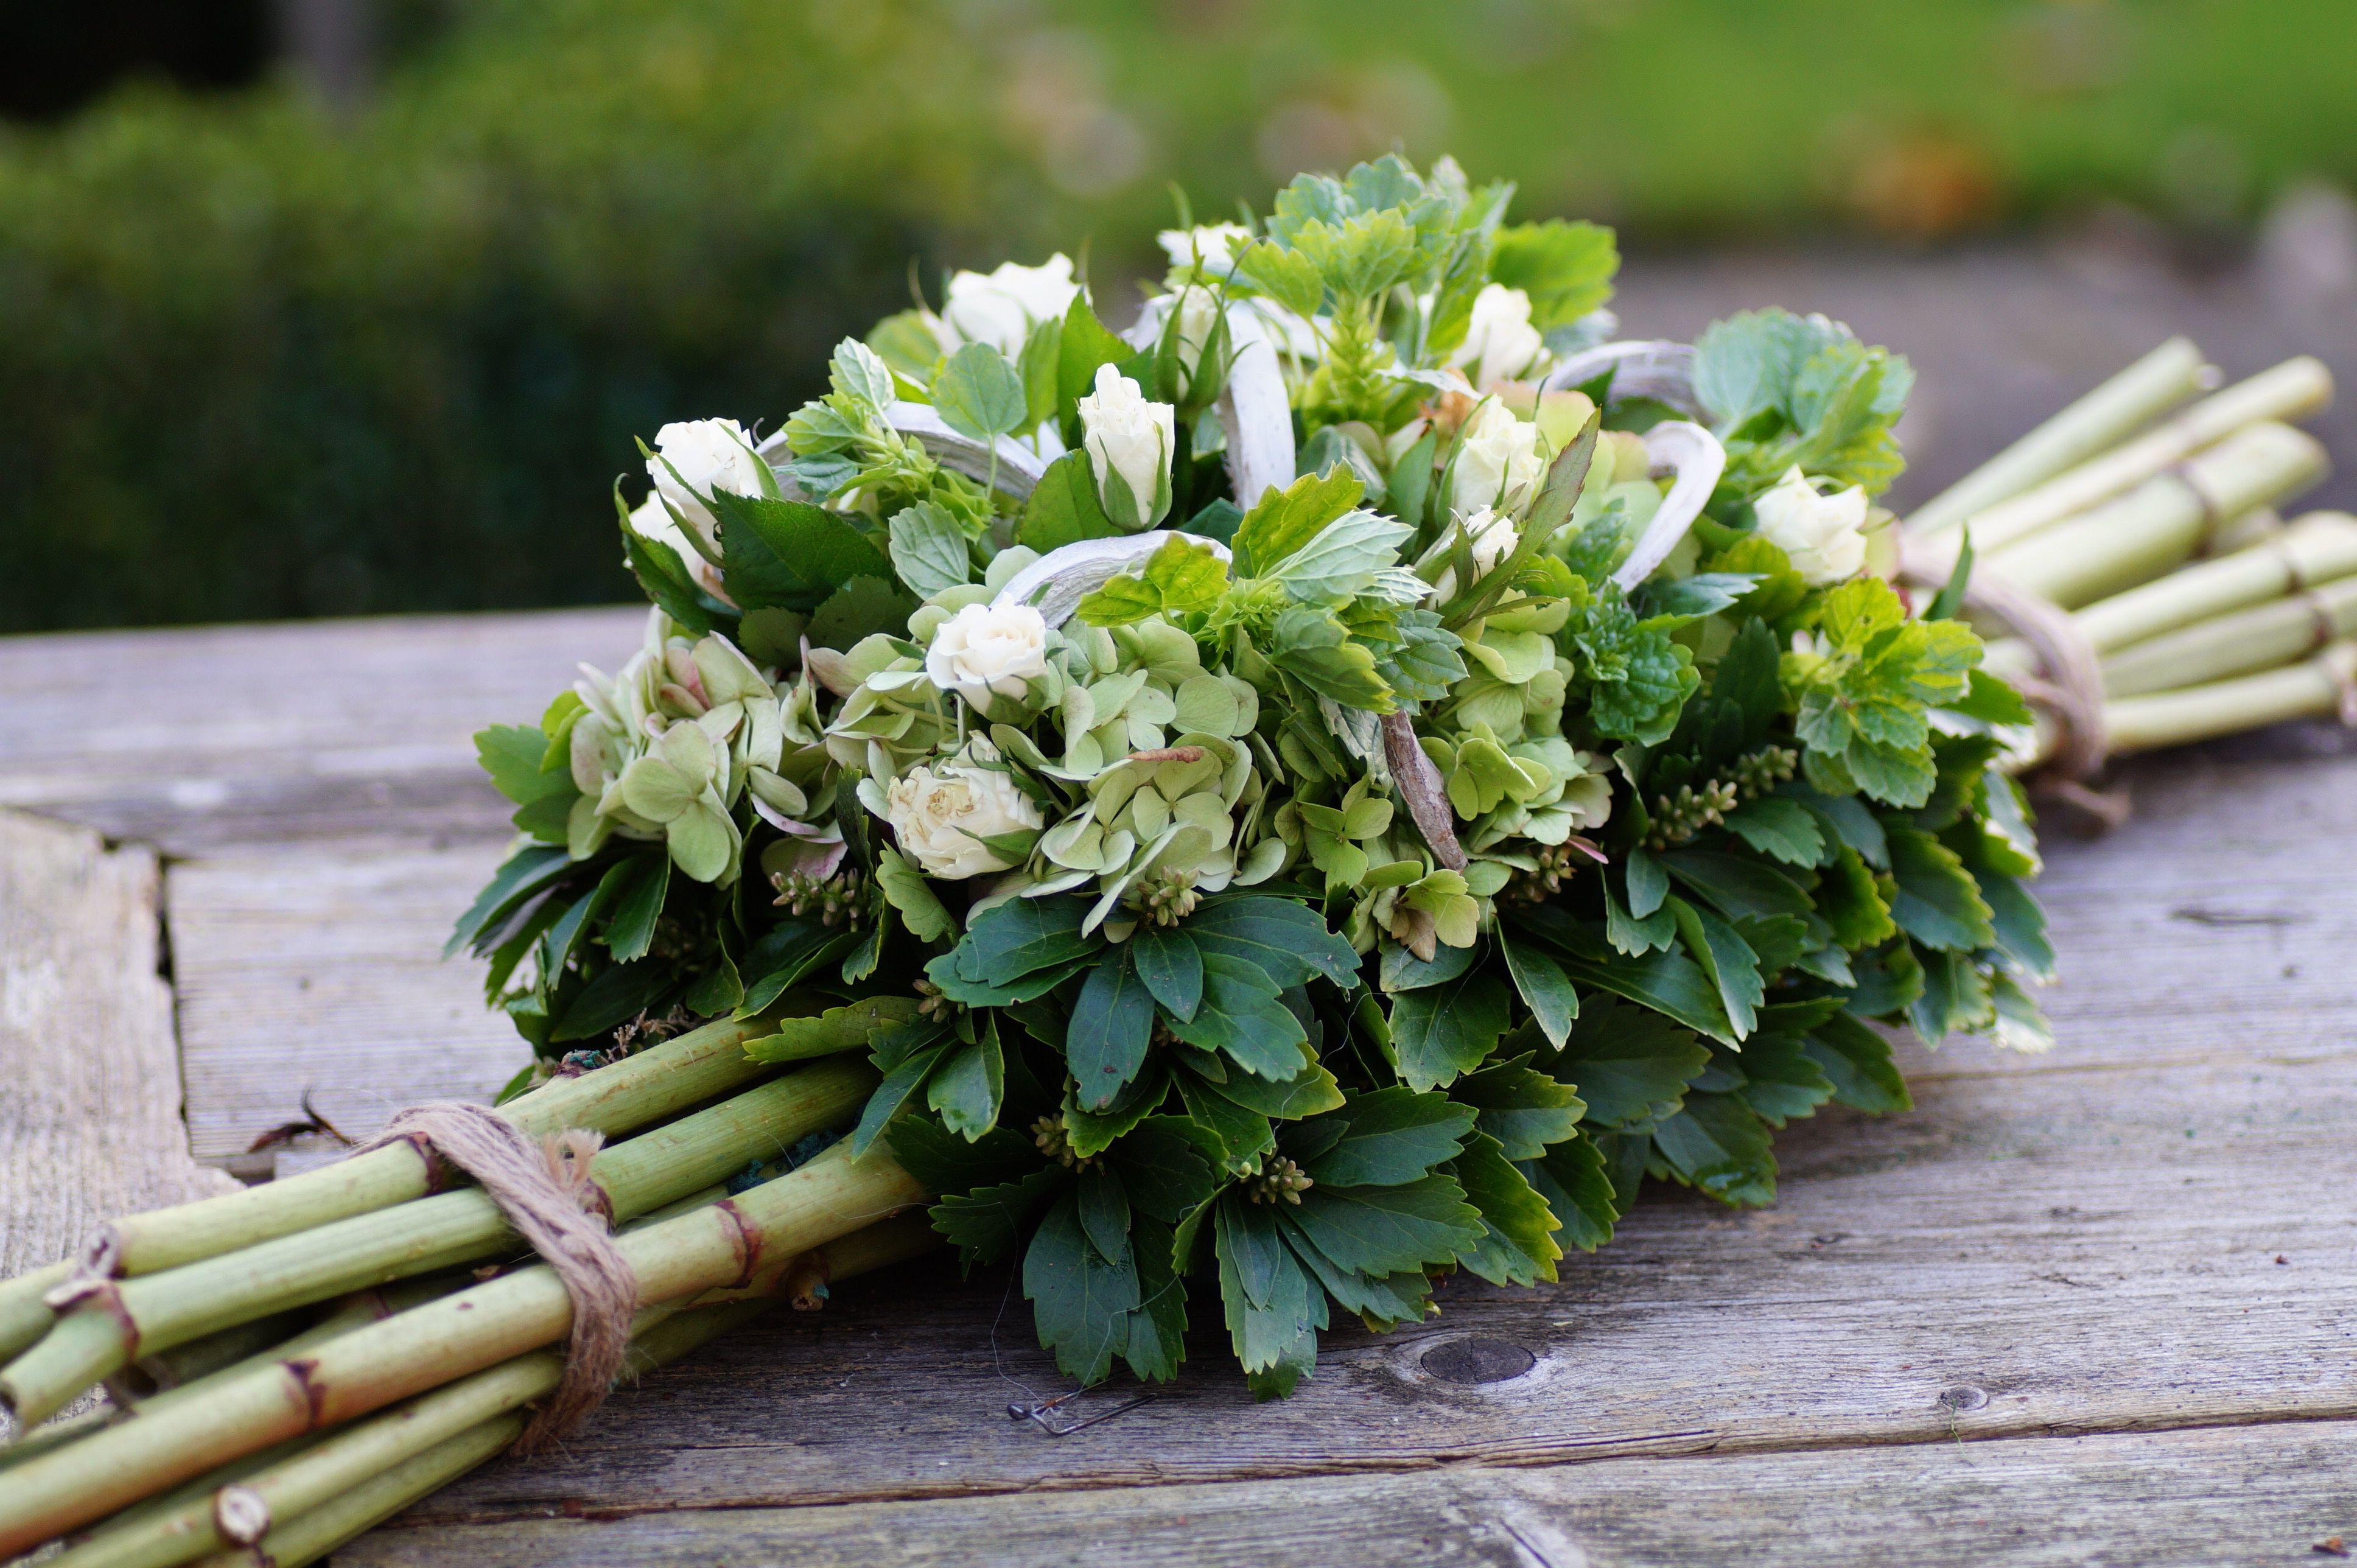 Herfststuk met polygonumstokken pachisandra hortensia en roosjes diy flower herfststuk met polygonumstokken pachisandra hortensia en roosjes izmirmasajfo Choice Image